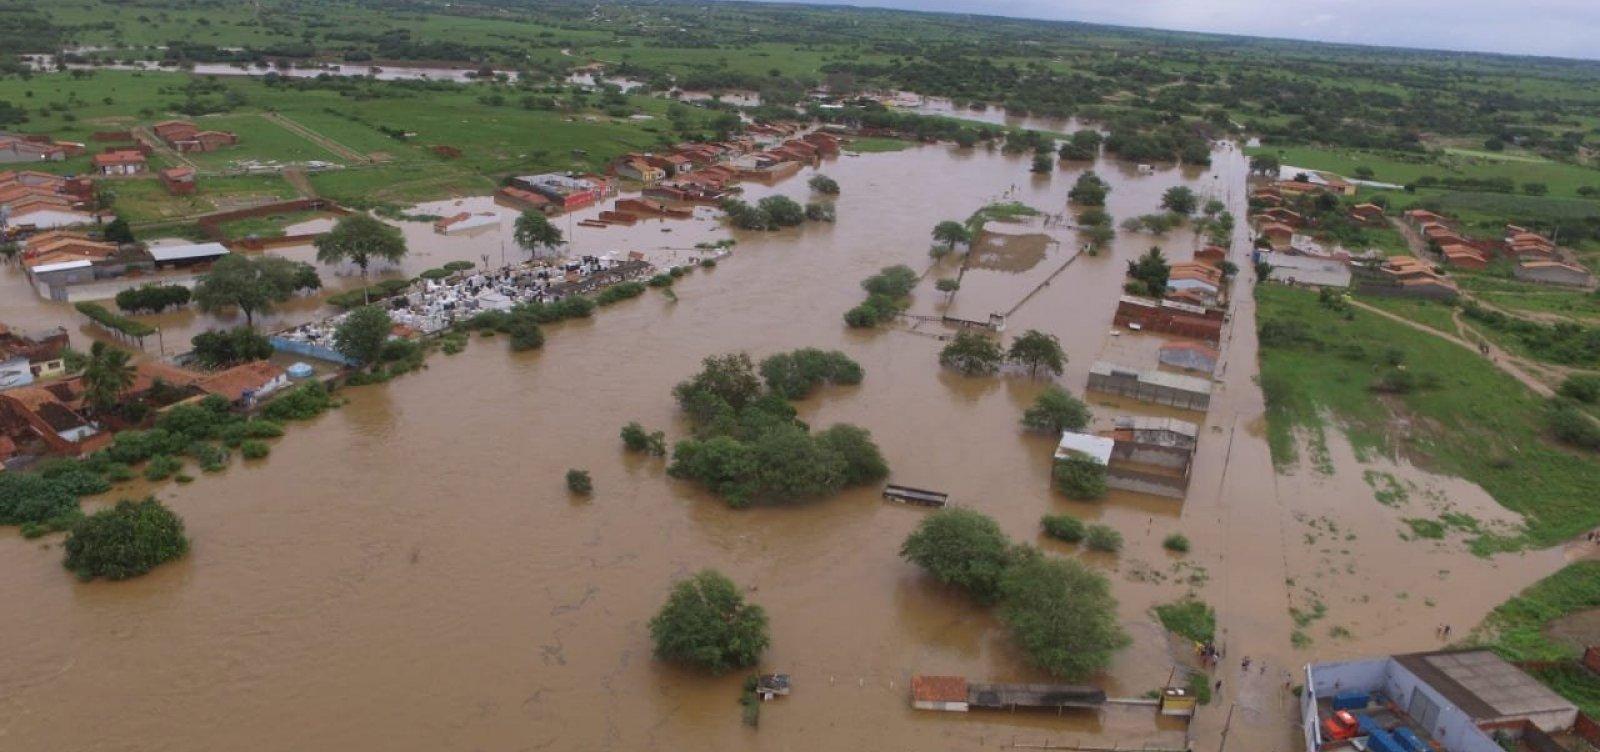 [Técnicos vistoriam barragens em Pedro Alexandre e adotam medidas para evitar novos rompimentos]